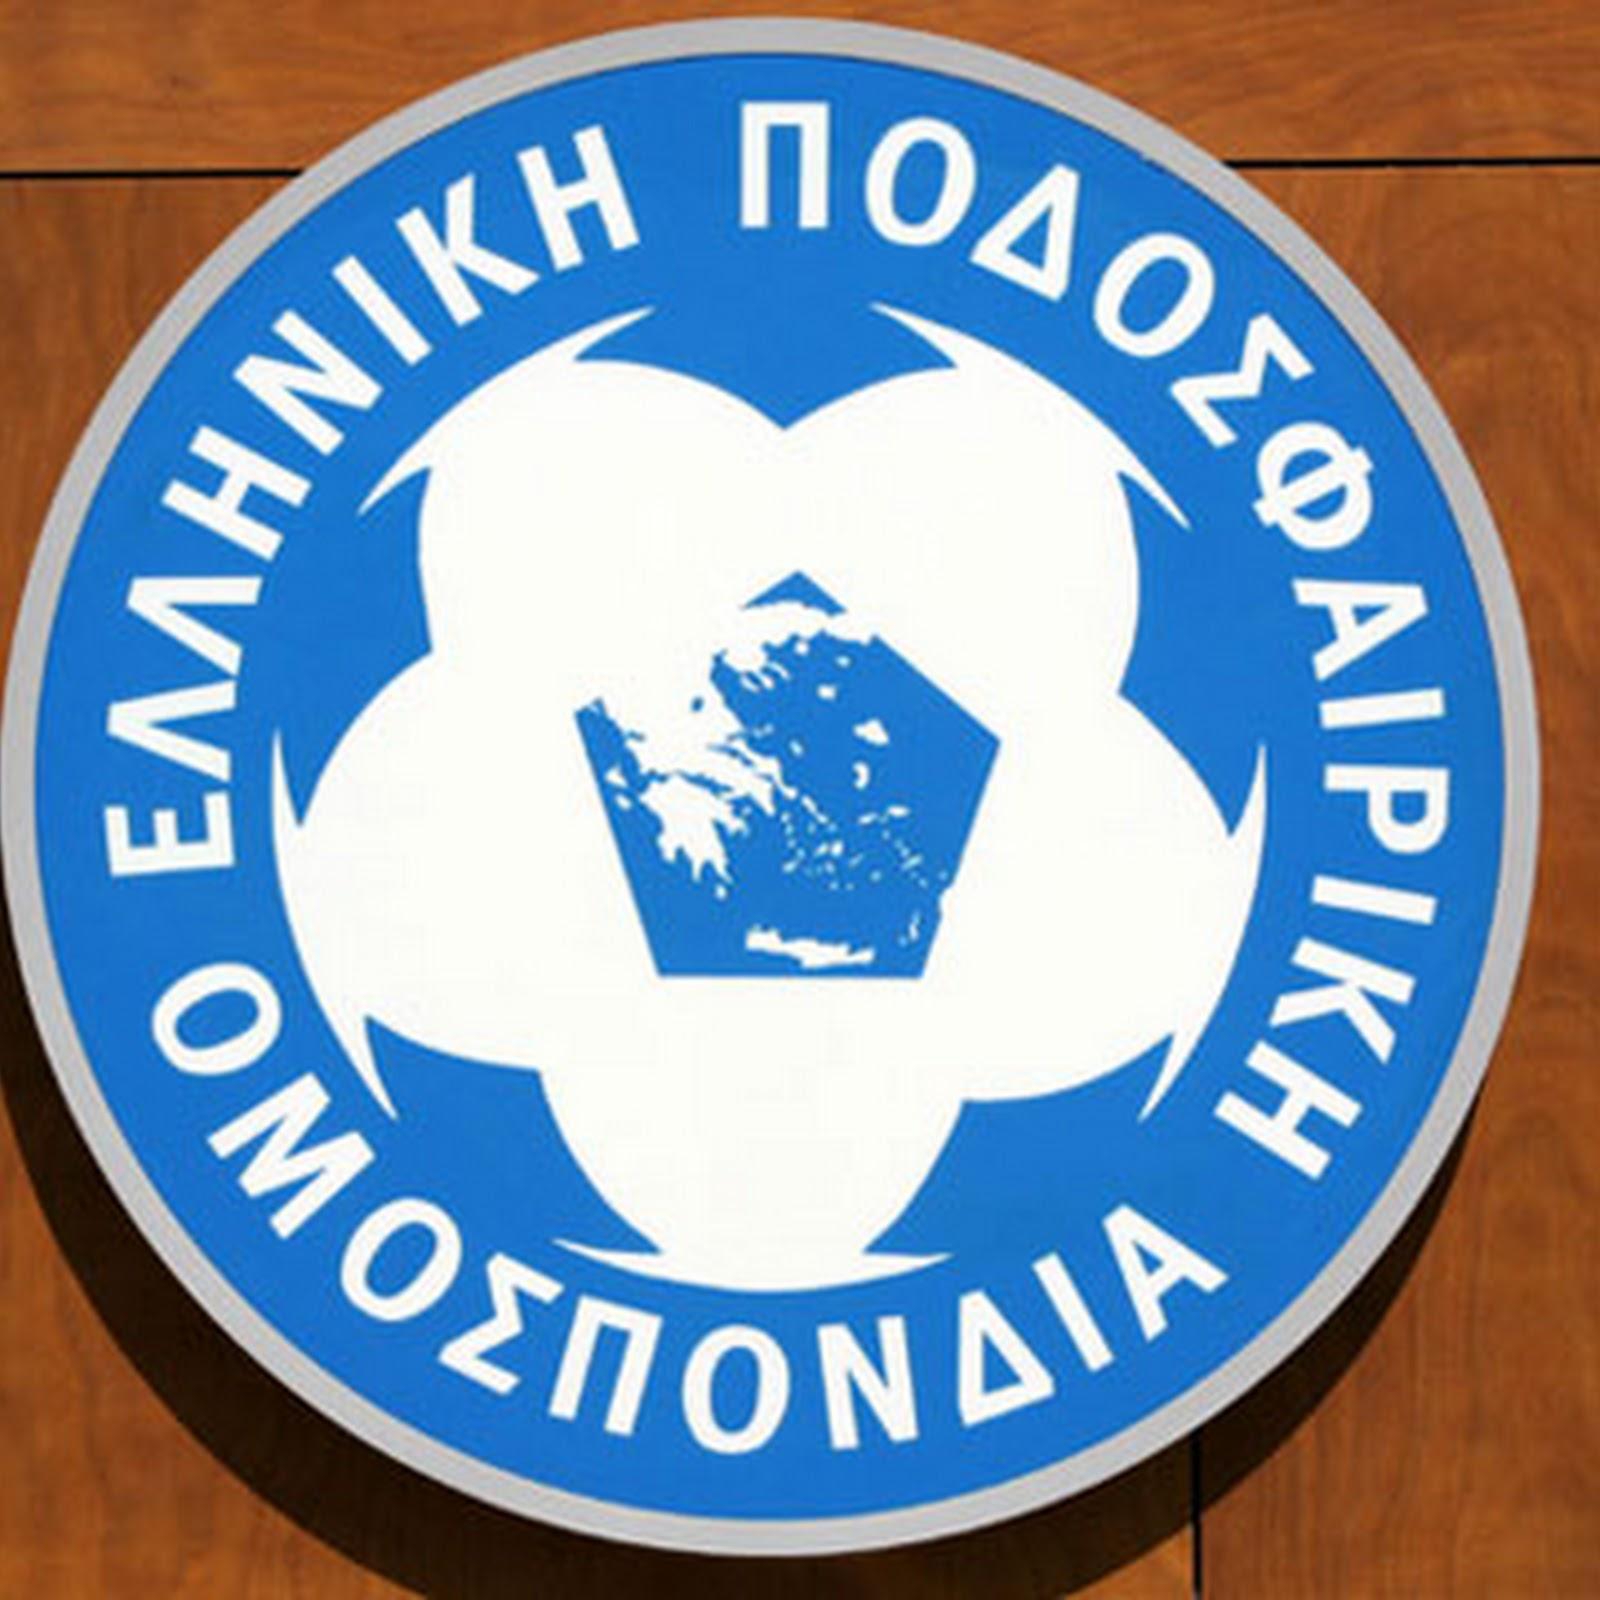 Οι σημερινές αποφάσεις της προσωρινής διοικούσας επιτροπής της ΕΠΟ